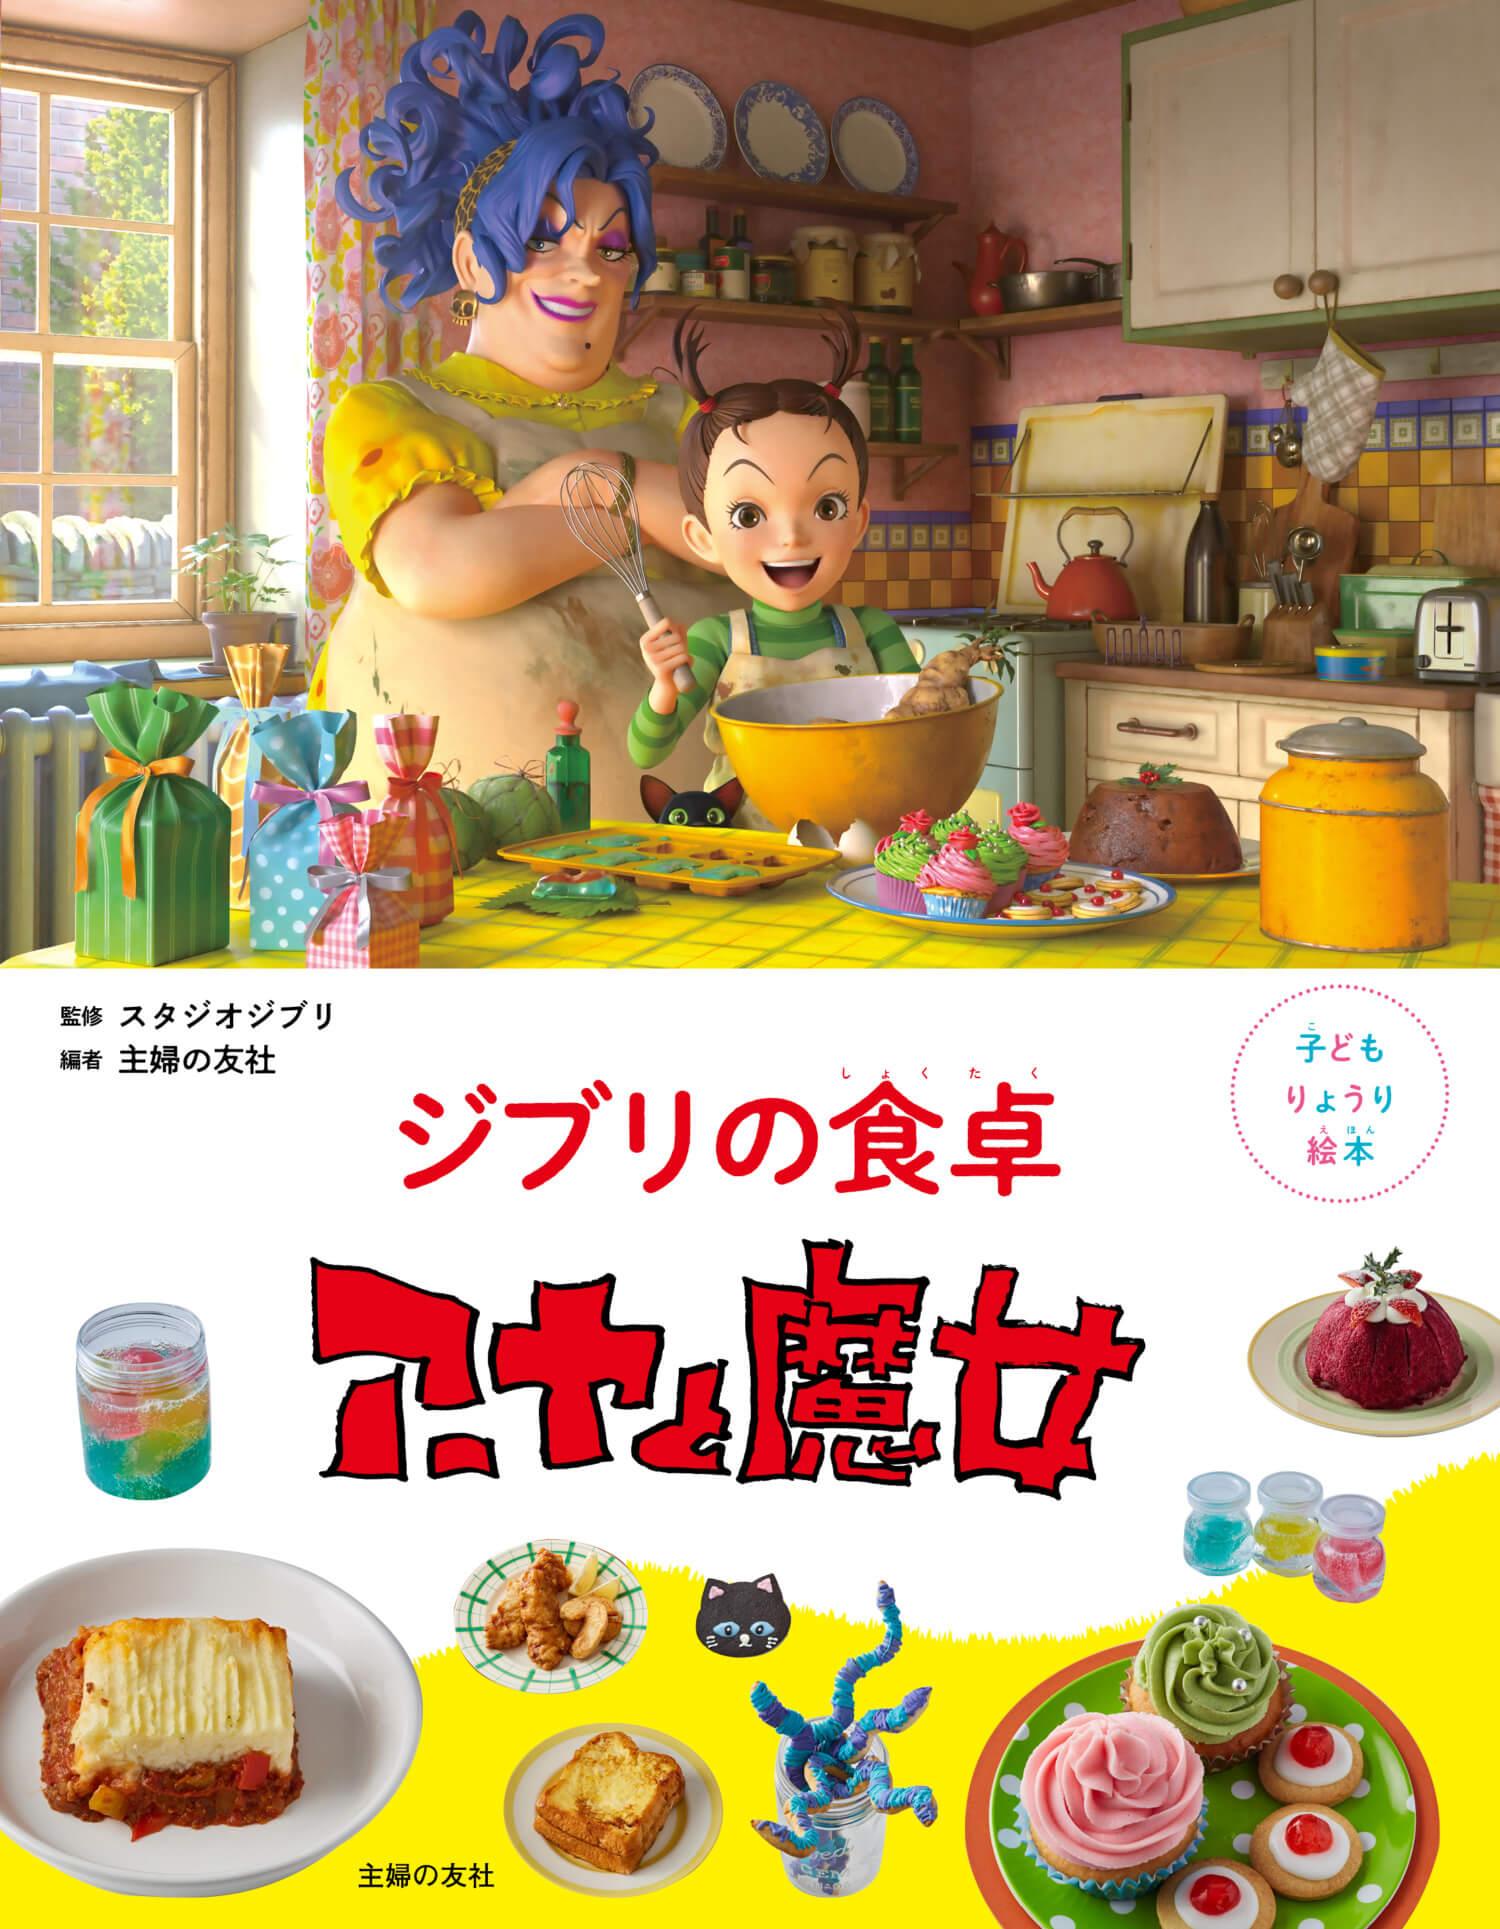 『子どもりょうり絵本 ジブリの食卓 アーヤと魔女』表紙